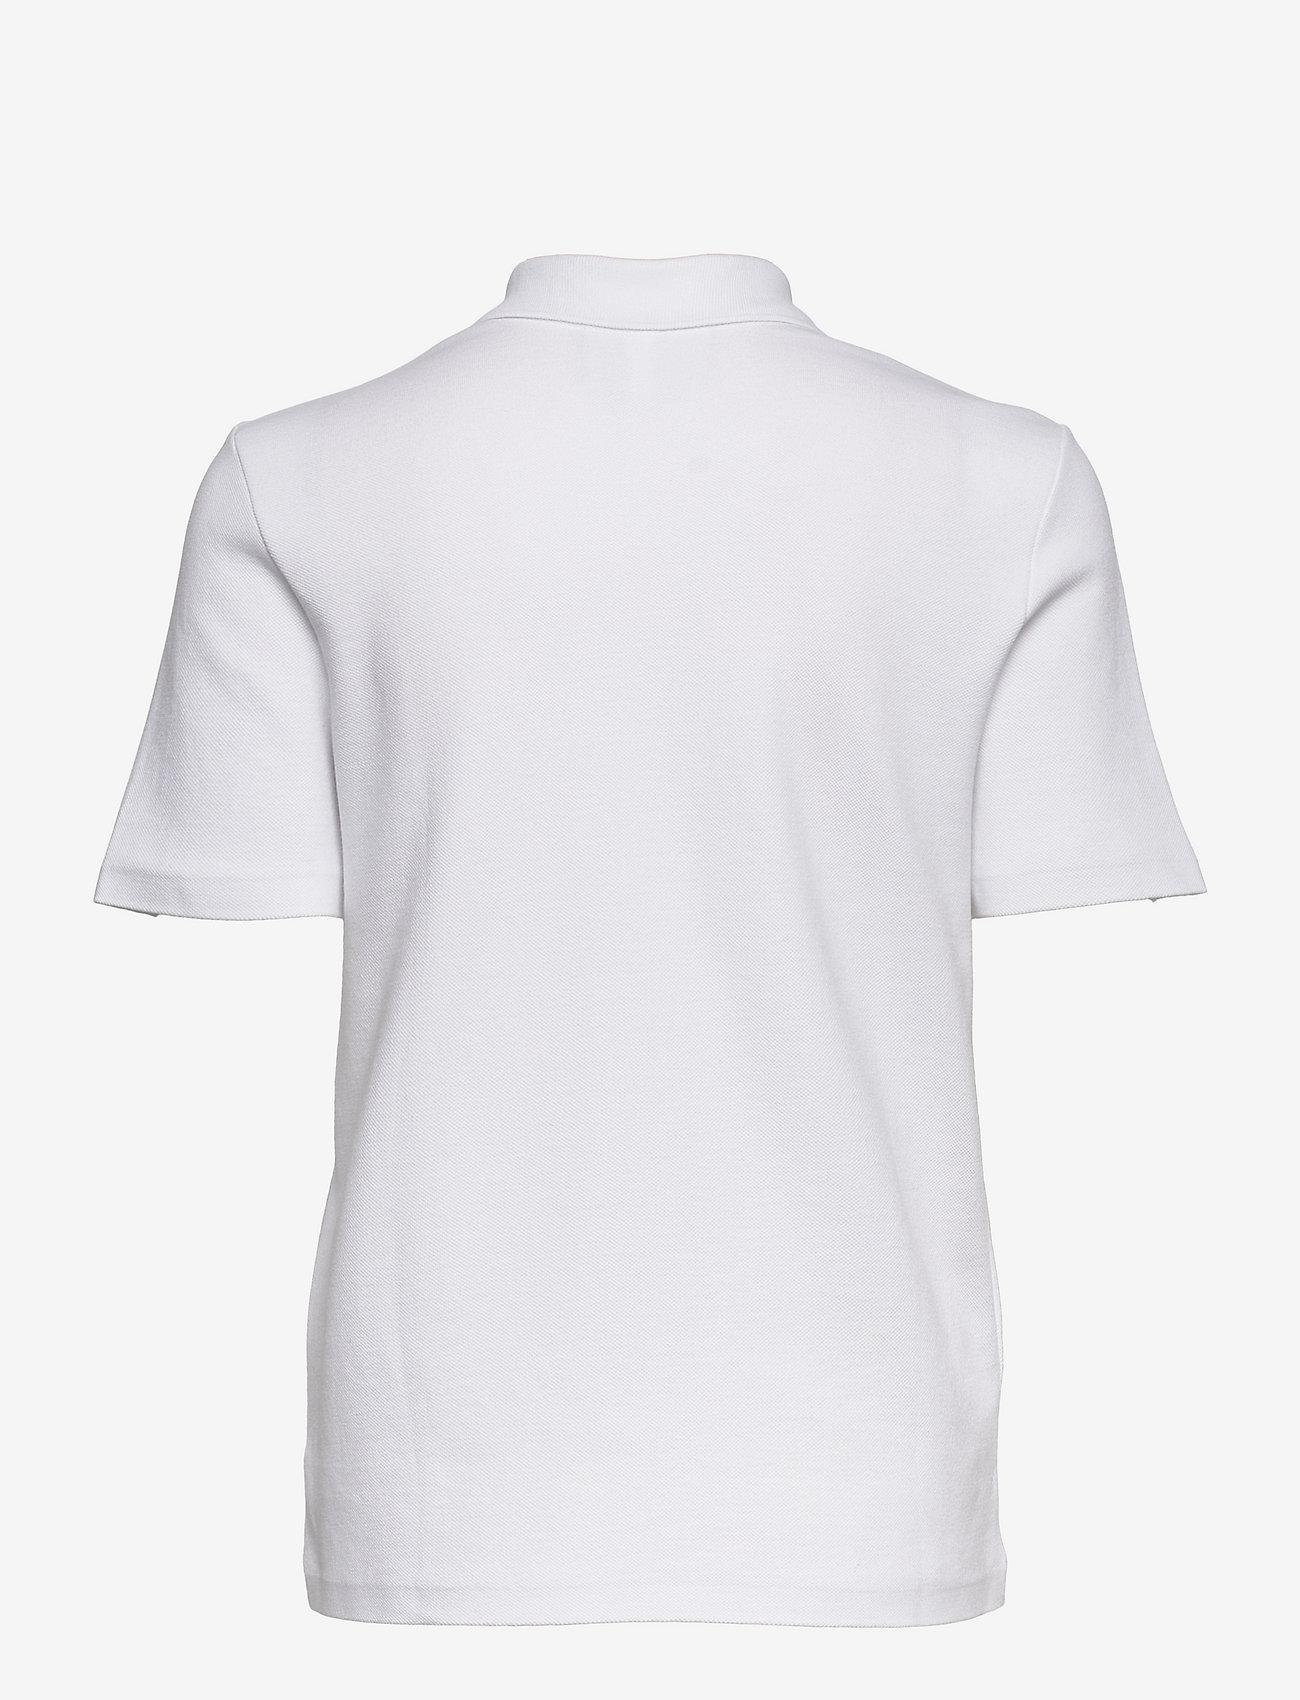 Lacoste - Women s S/S polo - polohemden - white - 1